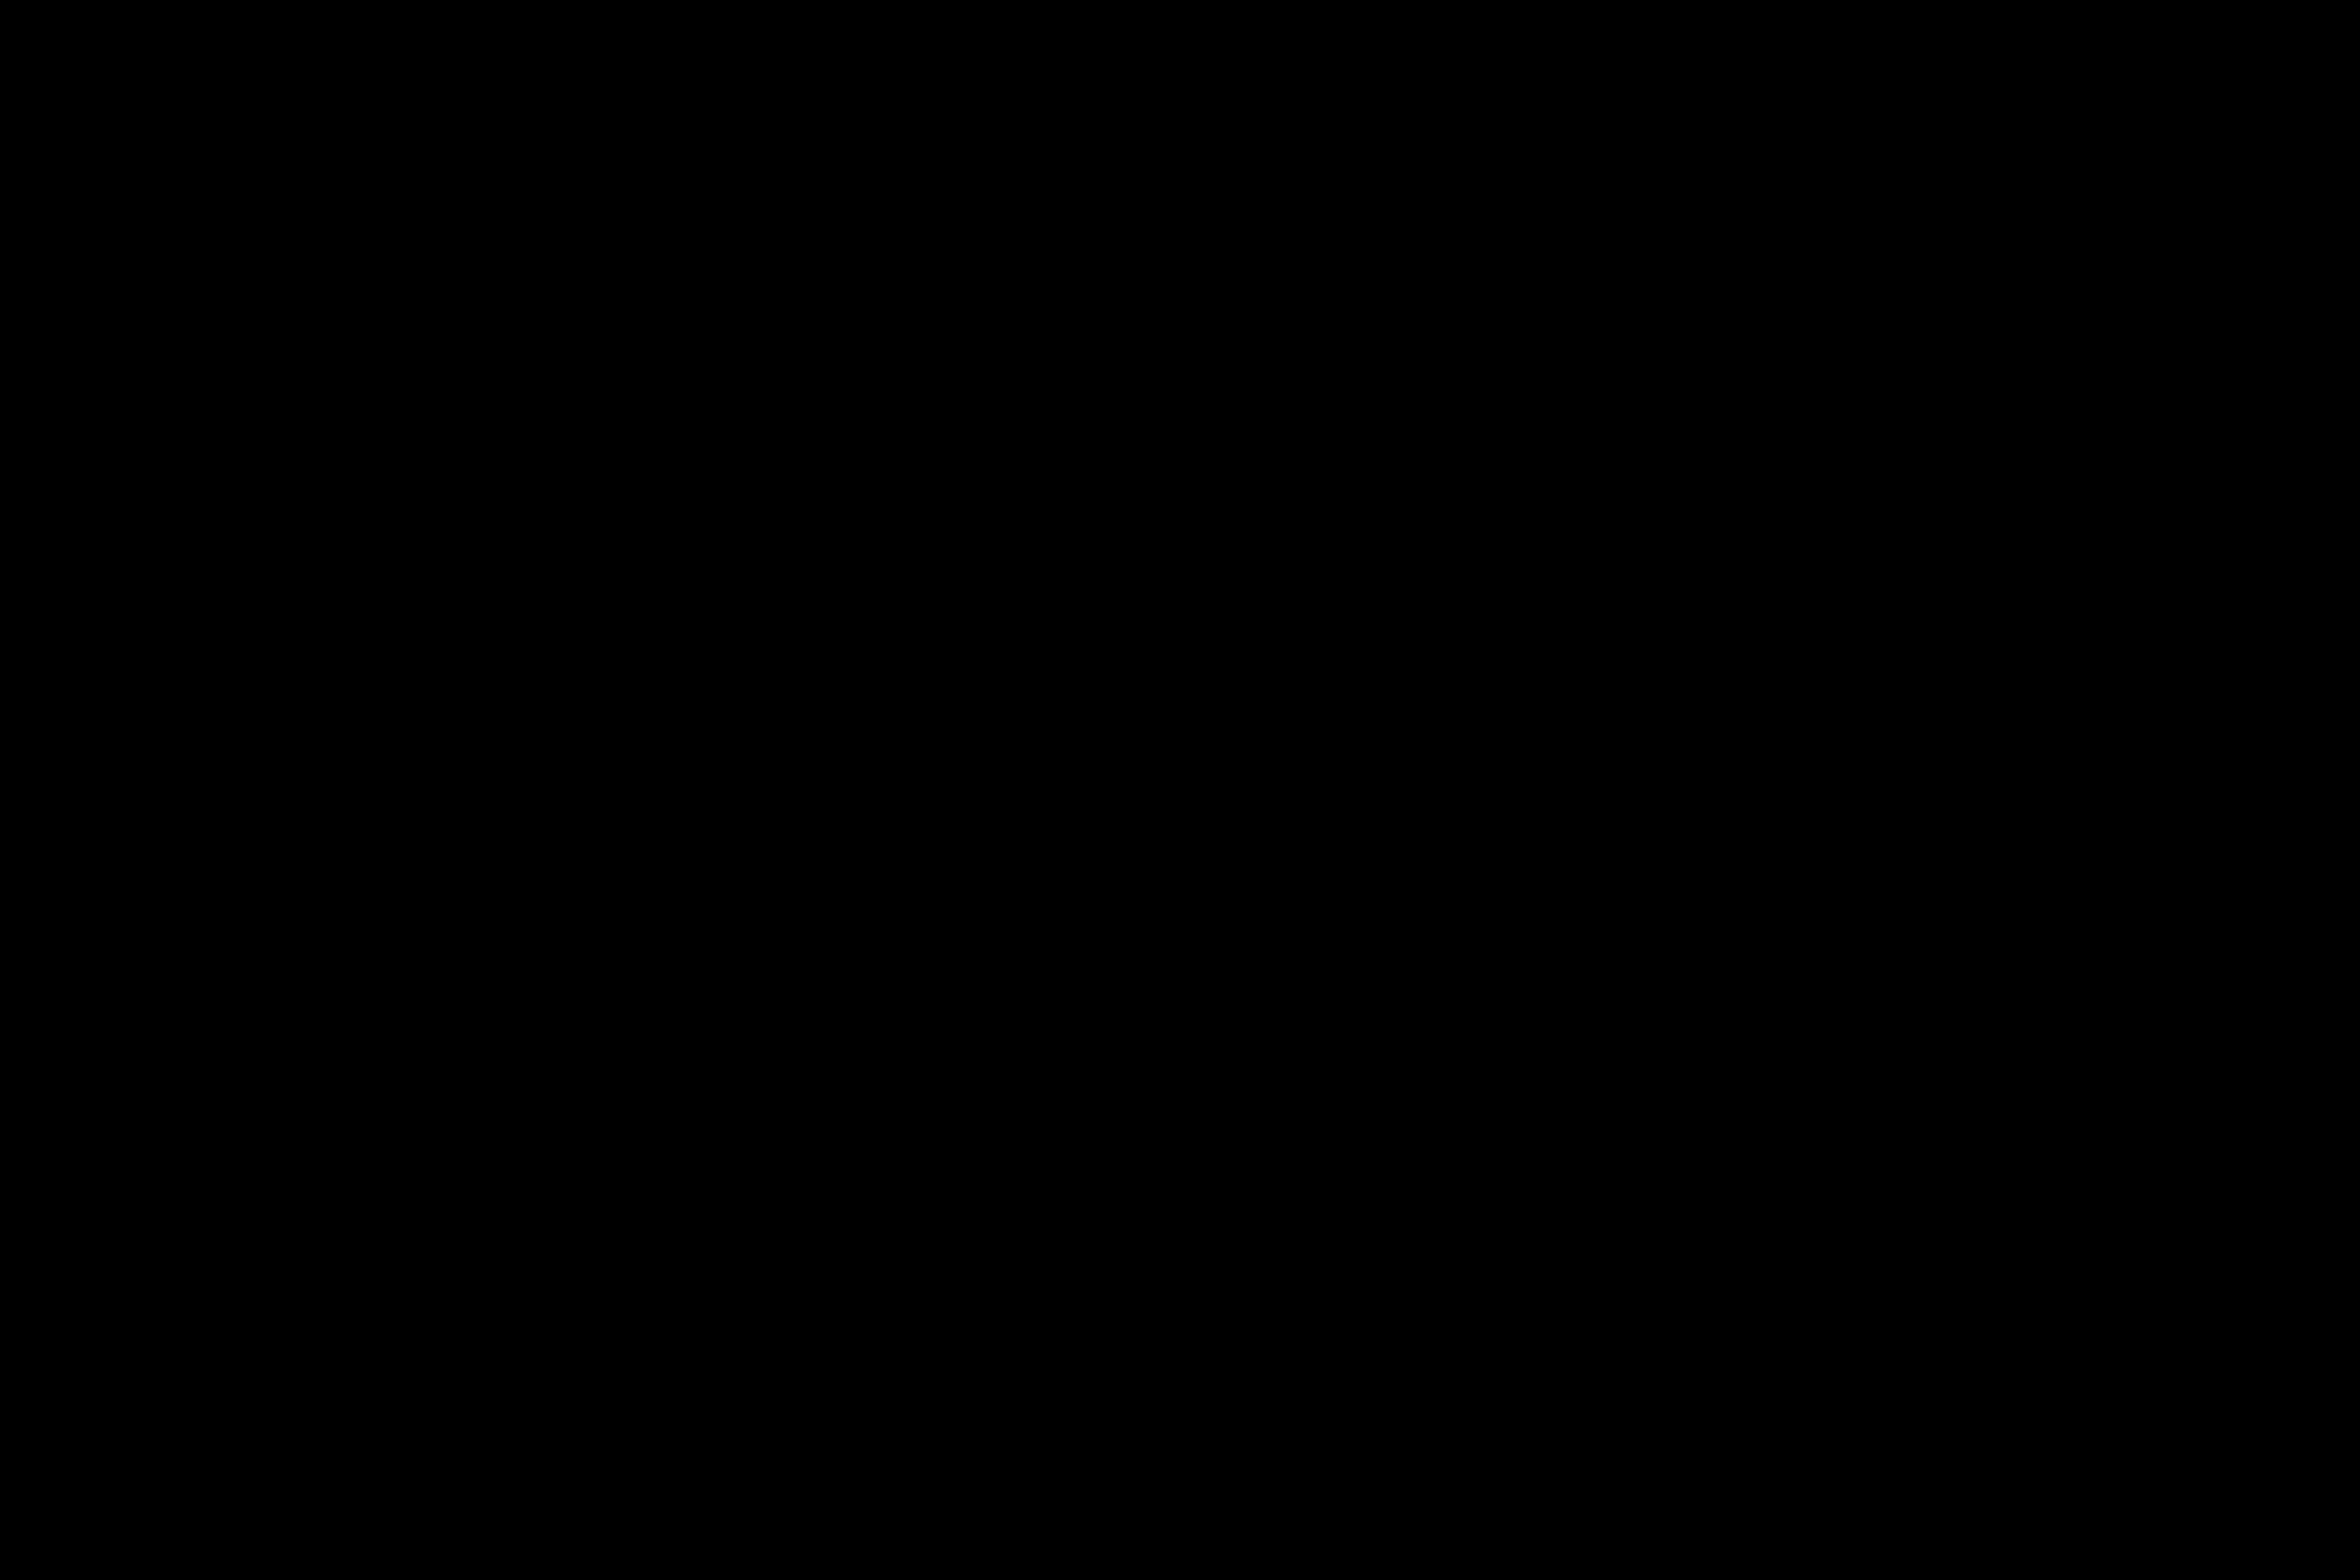 Pixelization II